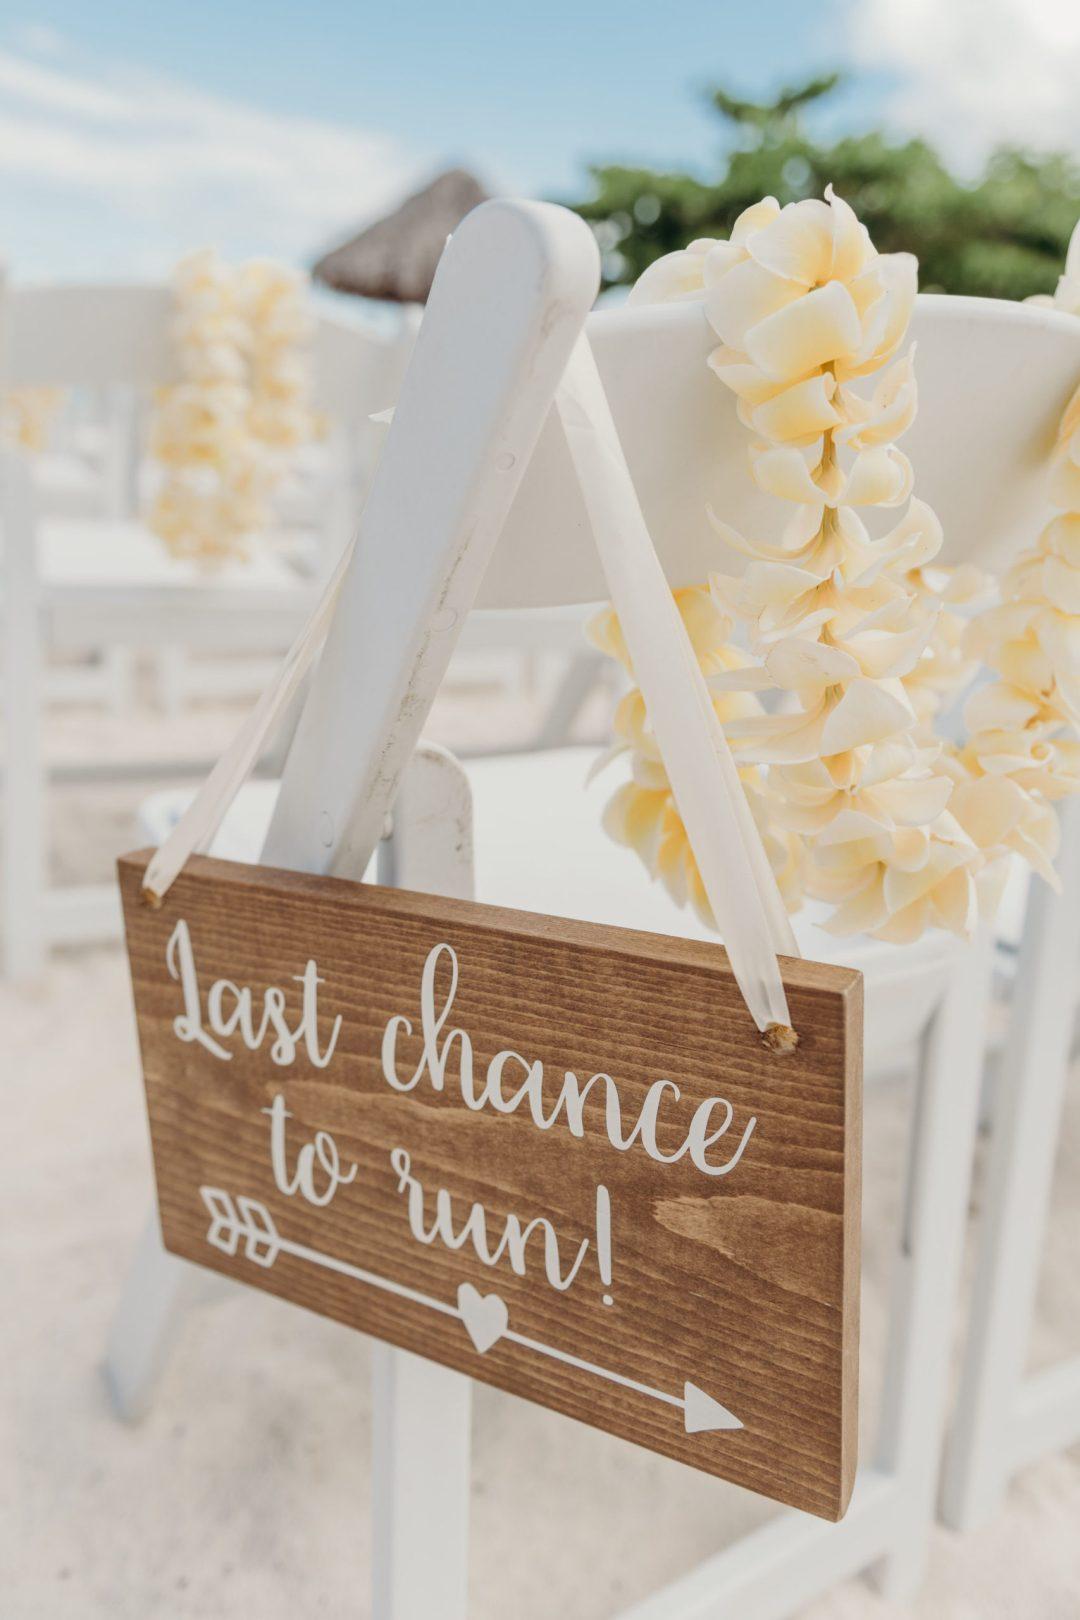 panneau, chaises blanches, mariage, cérémonie mariage, cérémonie laïque